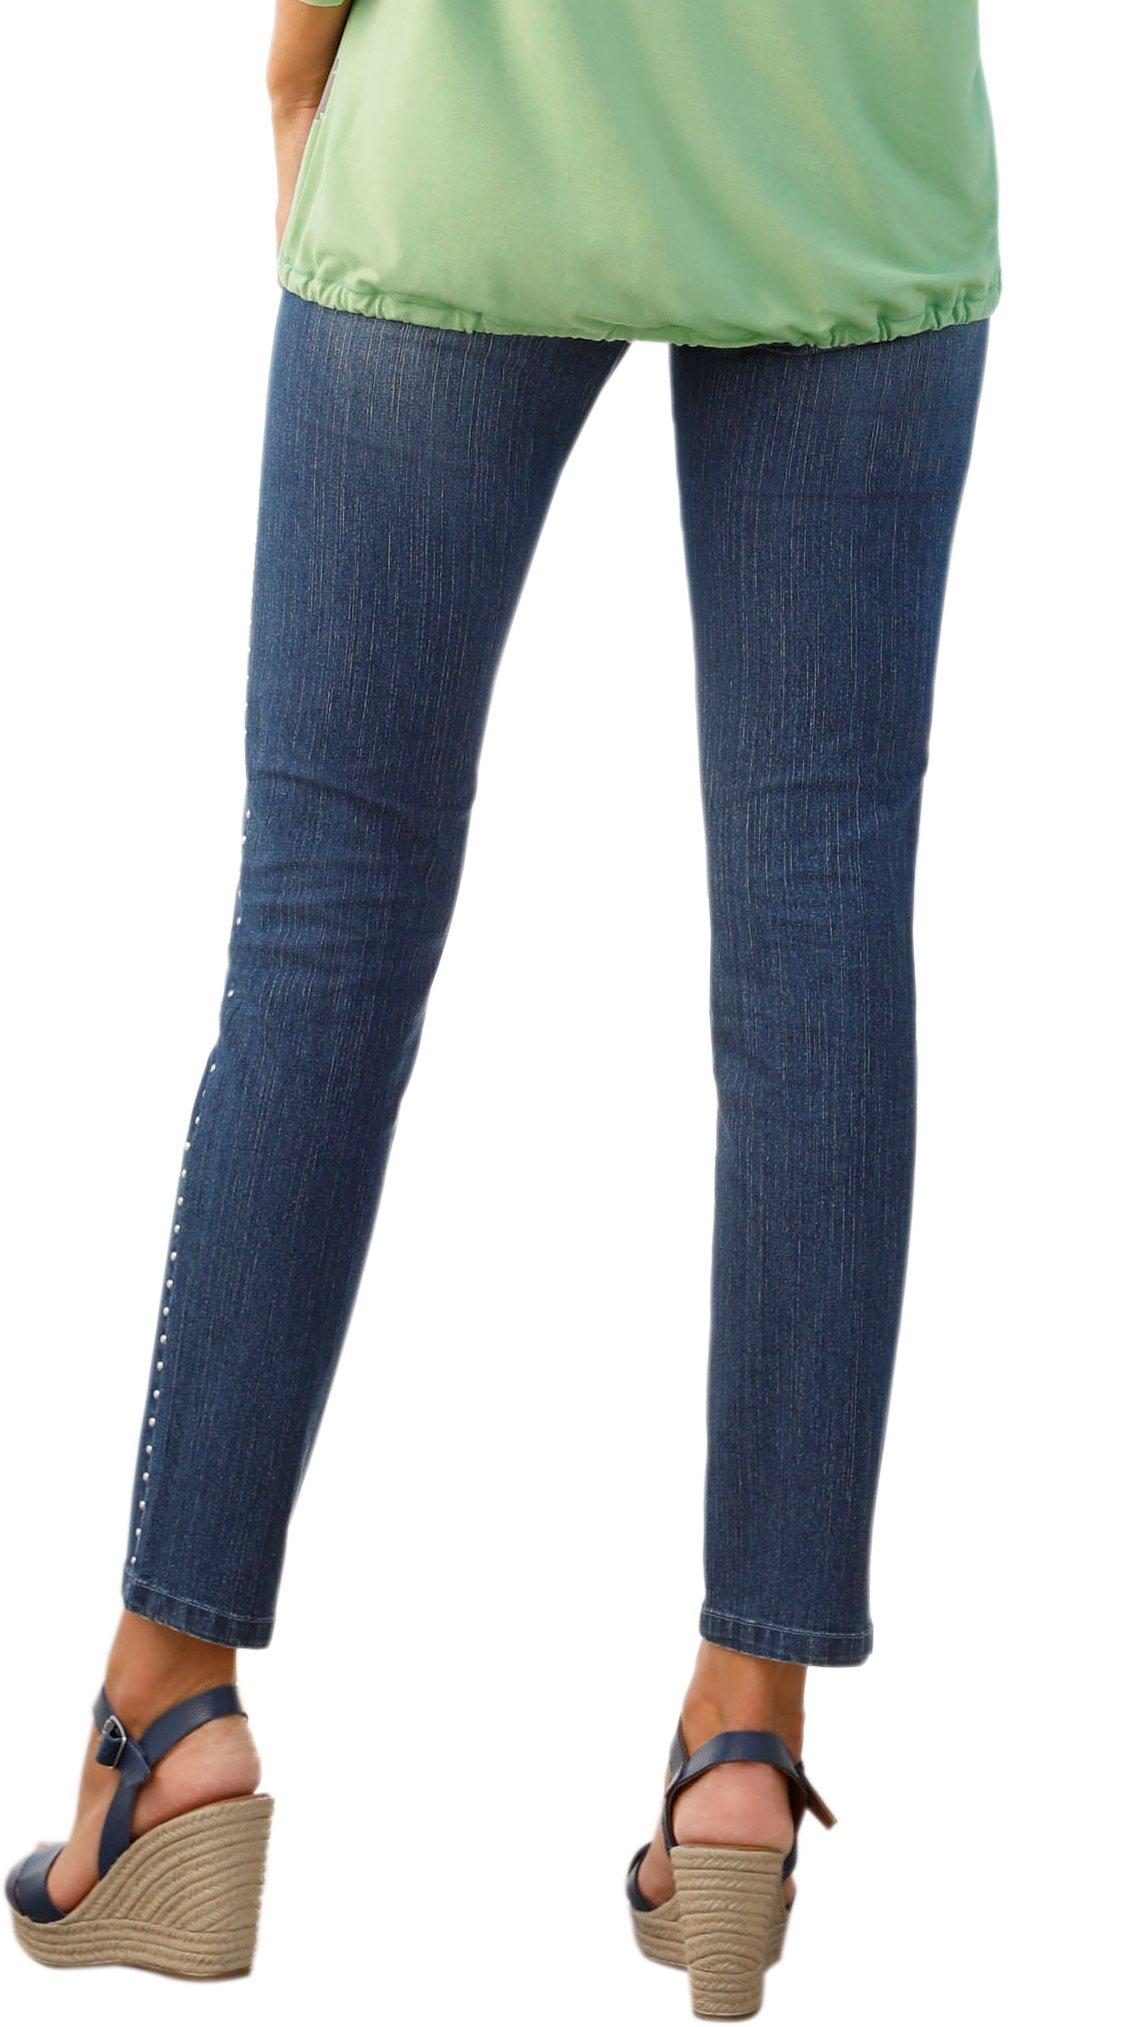 Inspirationen Makkelijk Met Studs Jeans Zilverkleurige Gevonden Classic ZiuPXOk